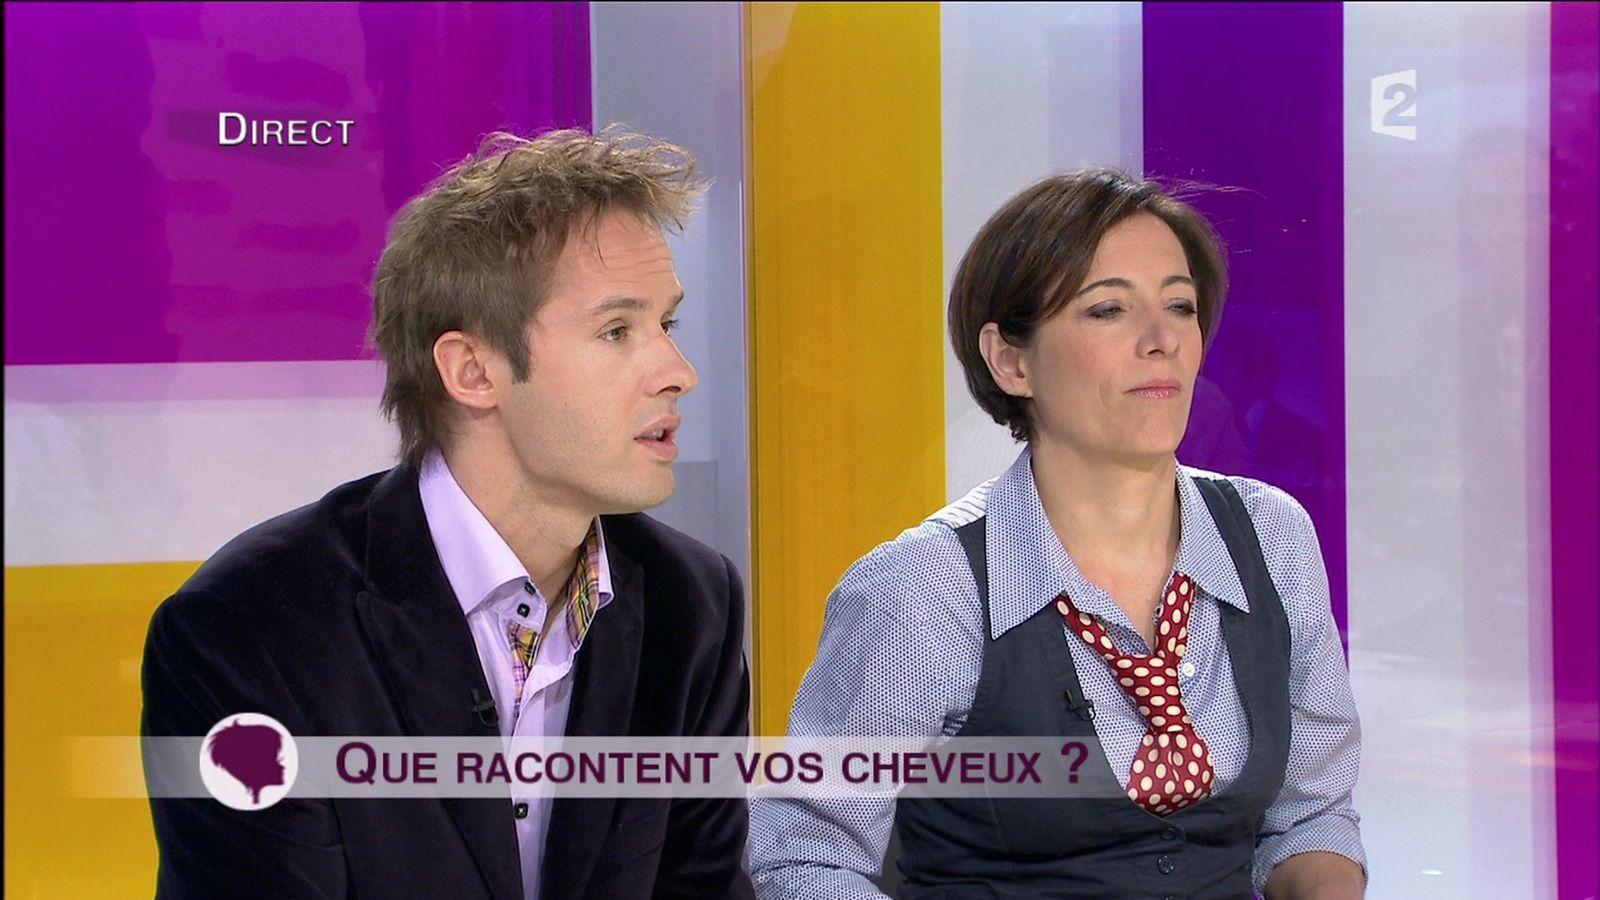 11-03-2010 - Laurence Dorlhac, sa cravate à poids